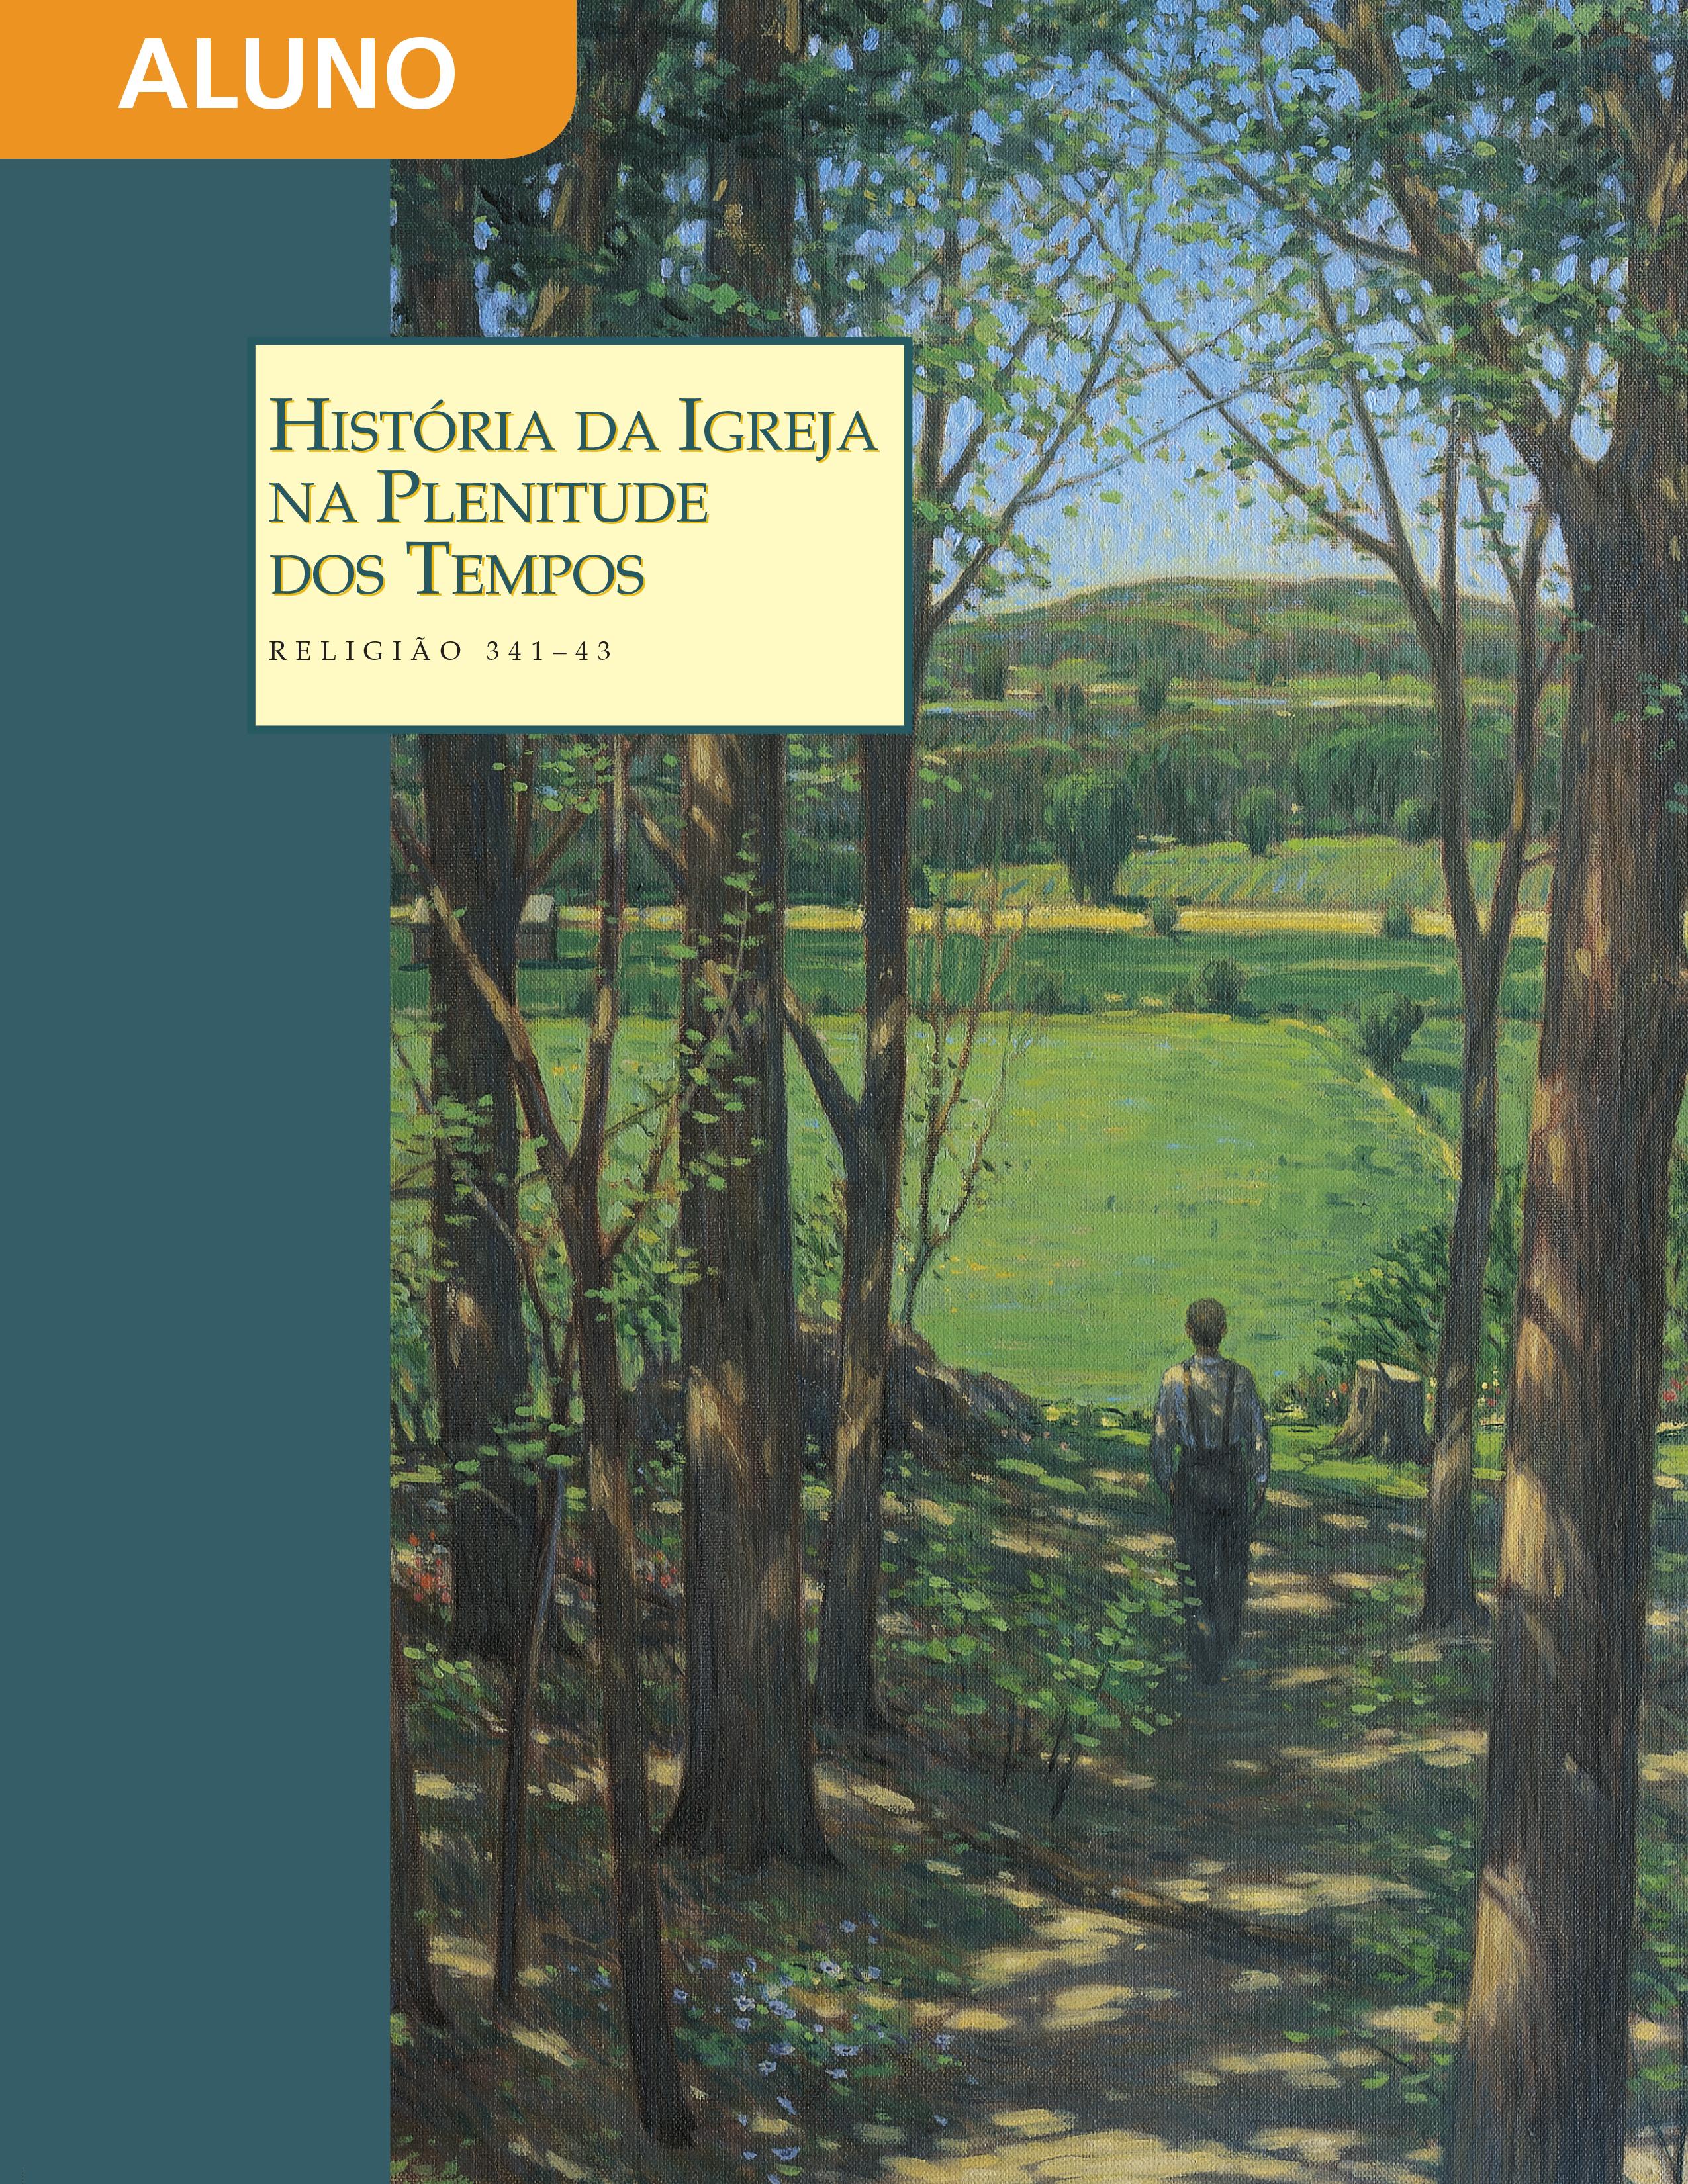 História da Igreja na Plenitude dos Tempos — Manual do Aluno (Rel 341–343)